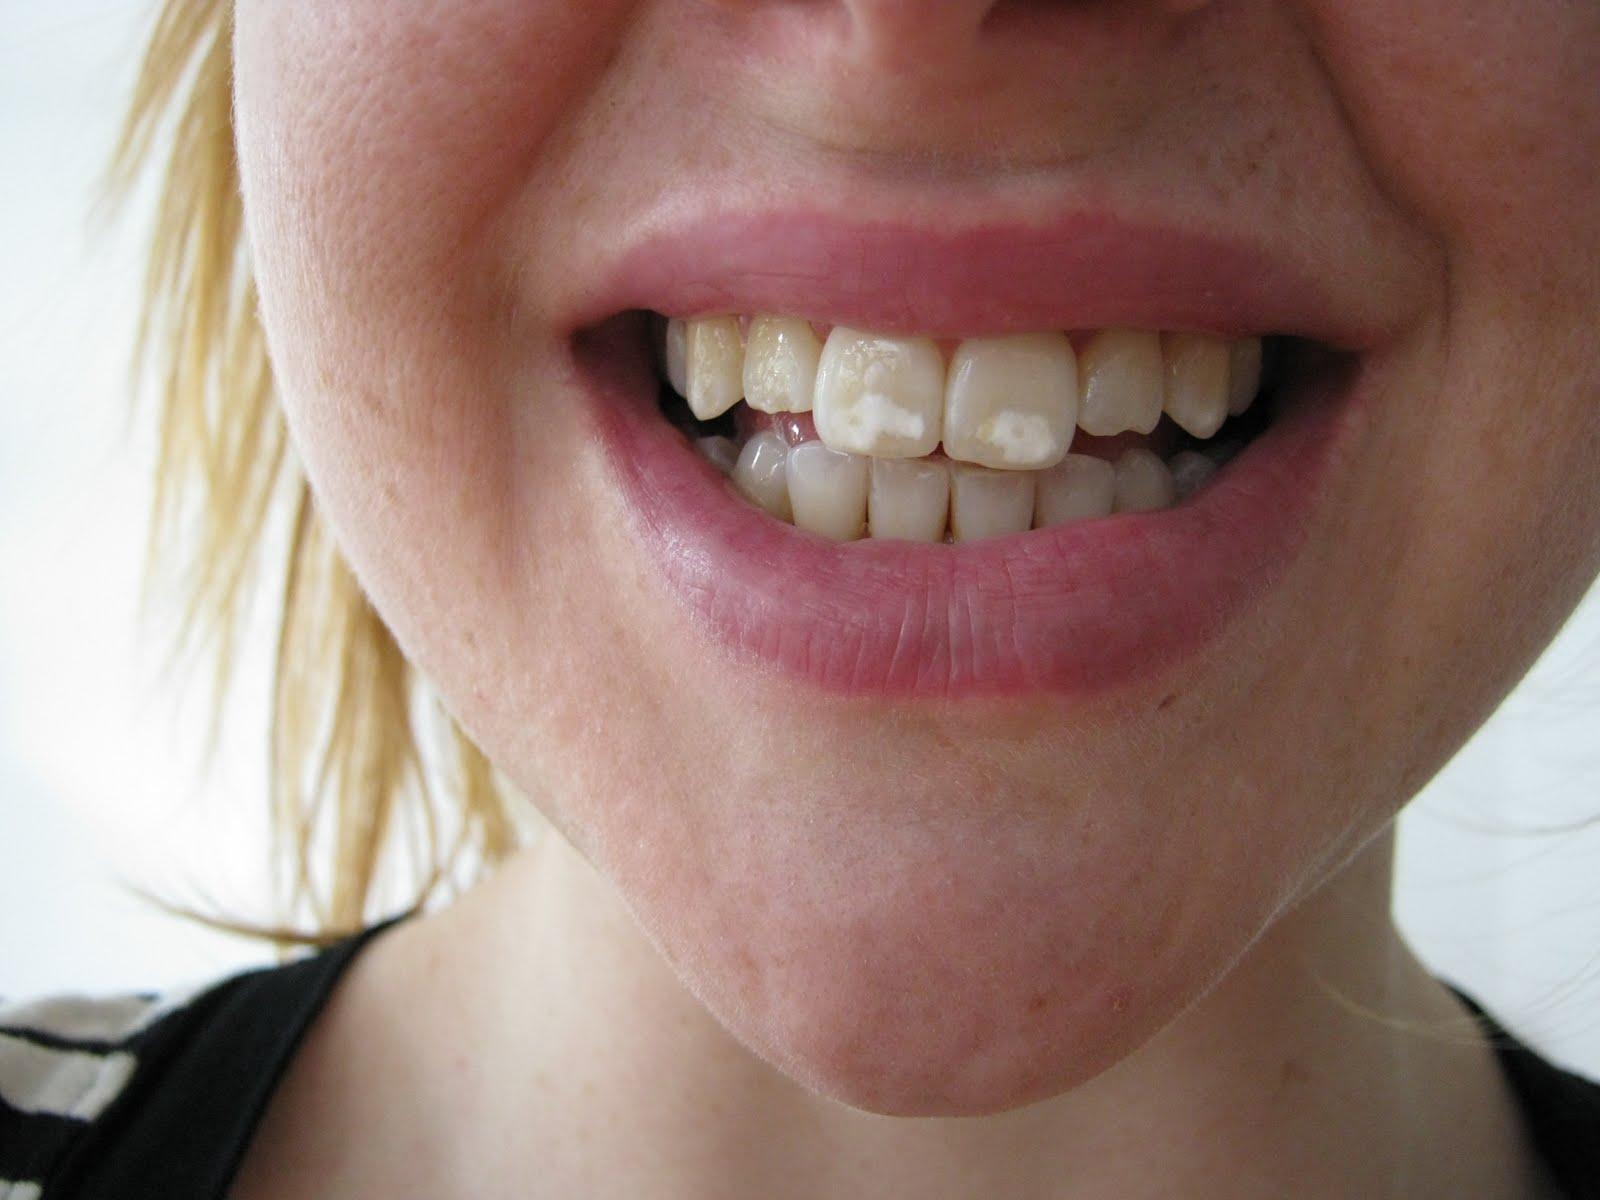 bästa tandblekningen hos tandläkare